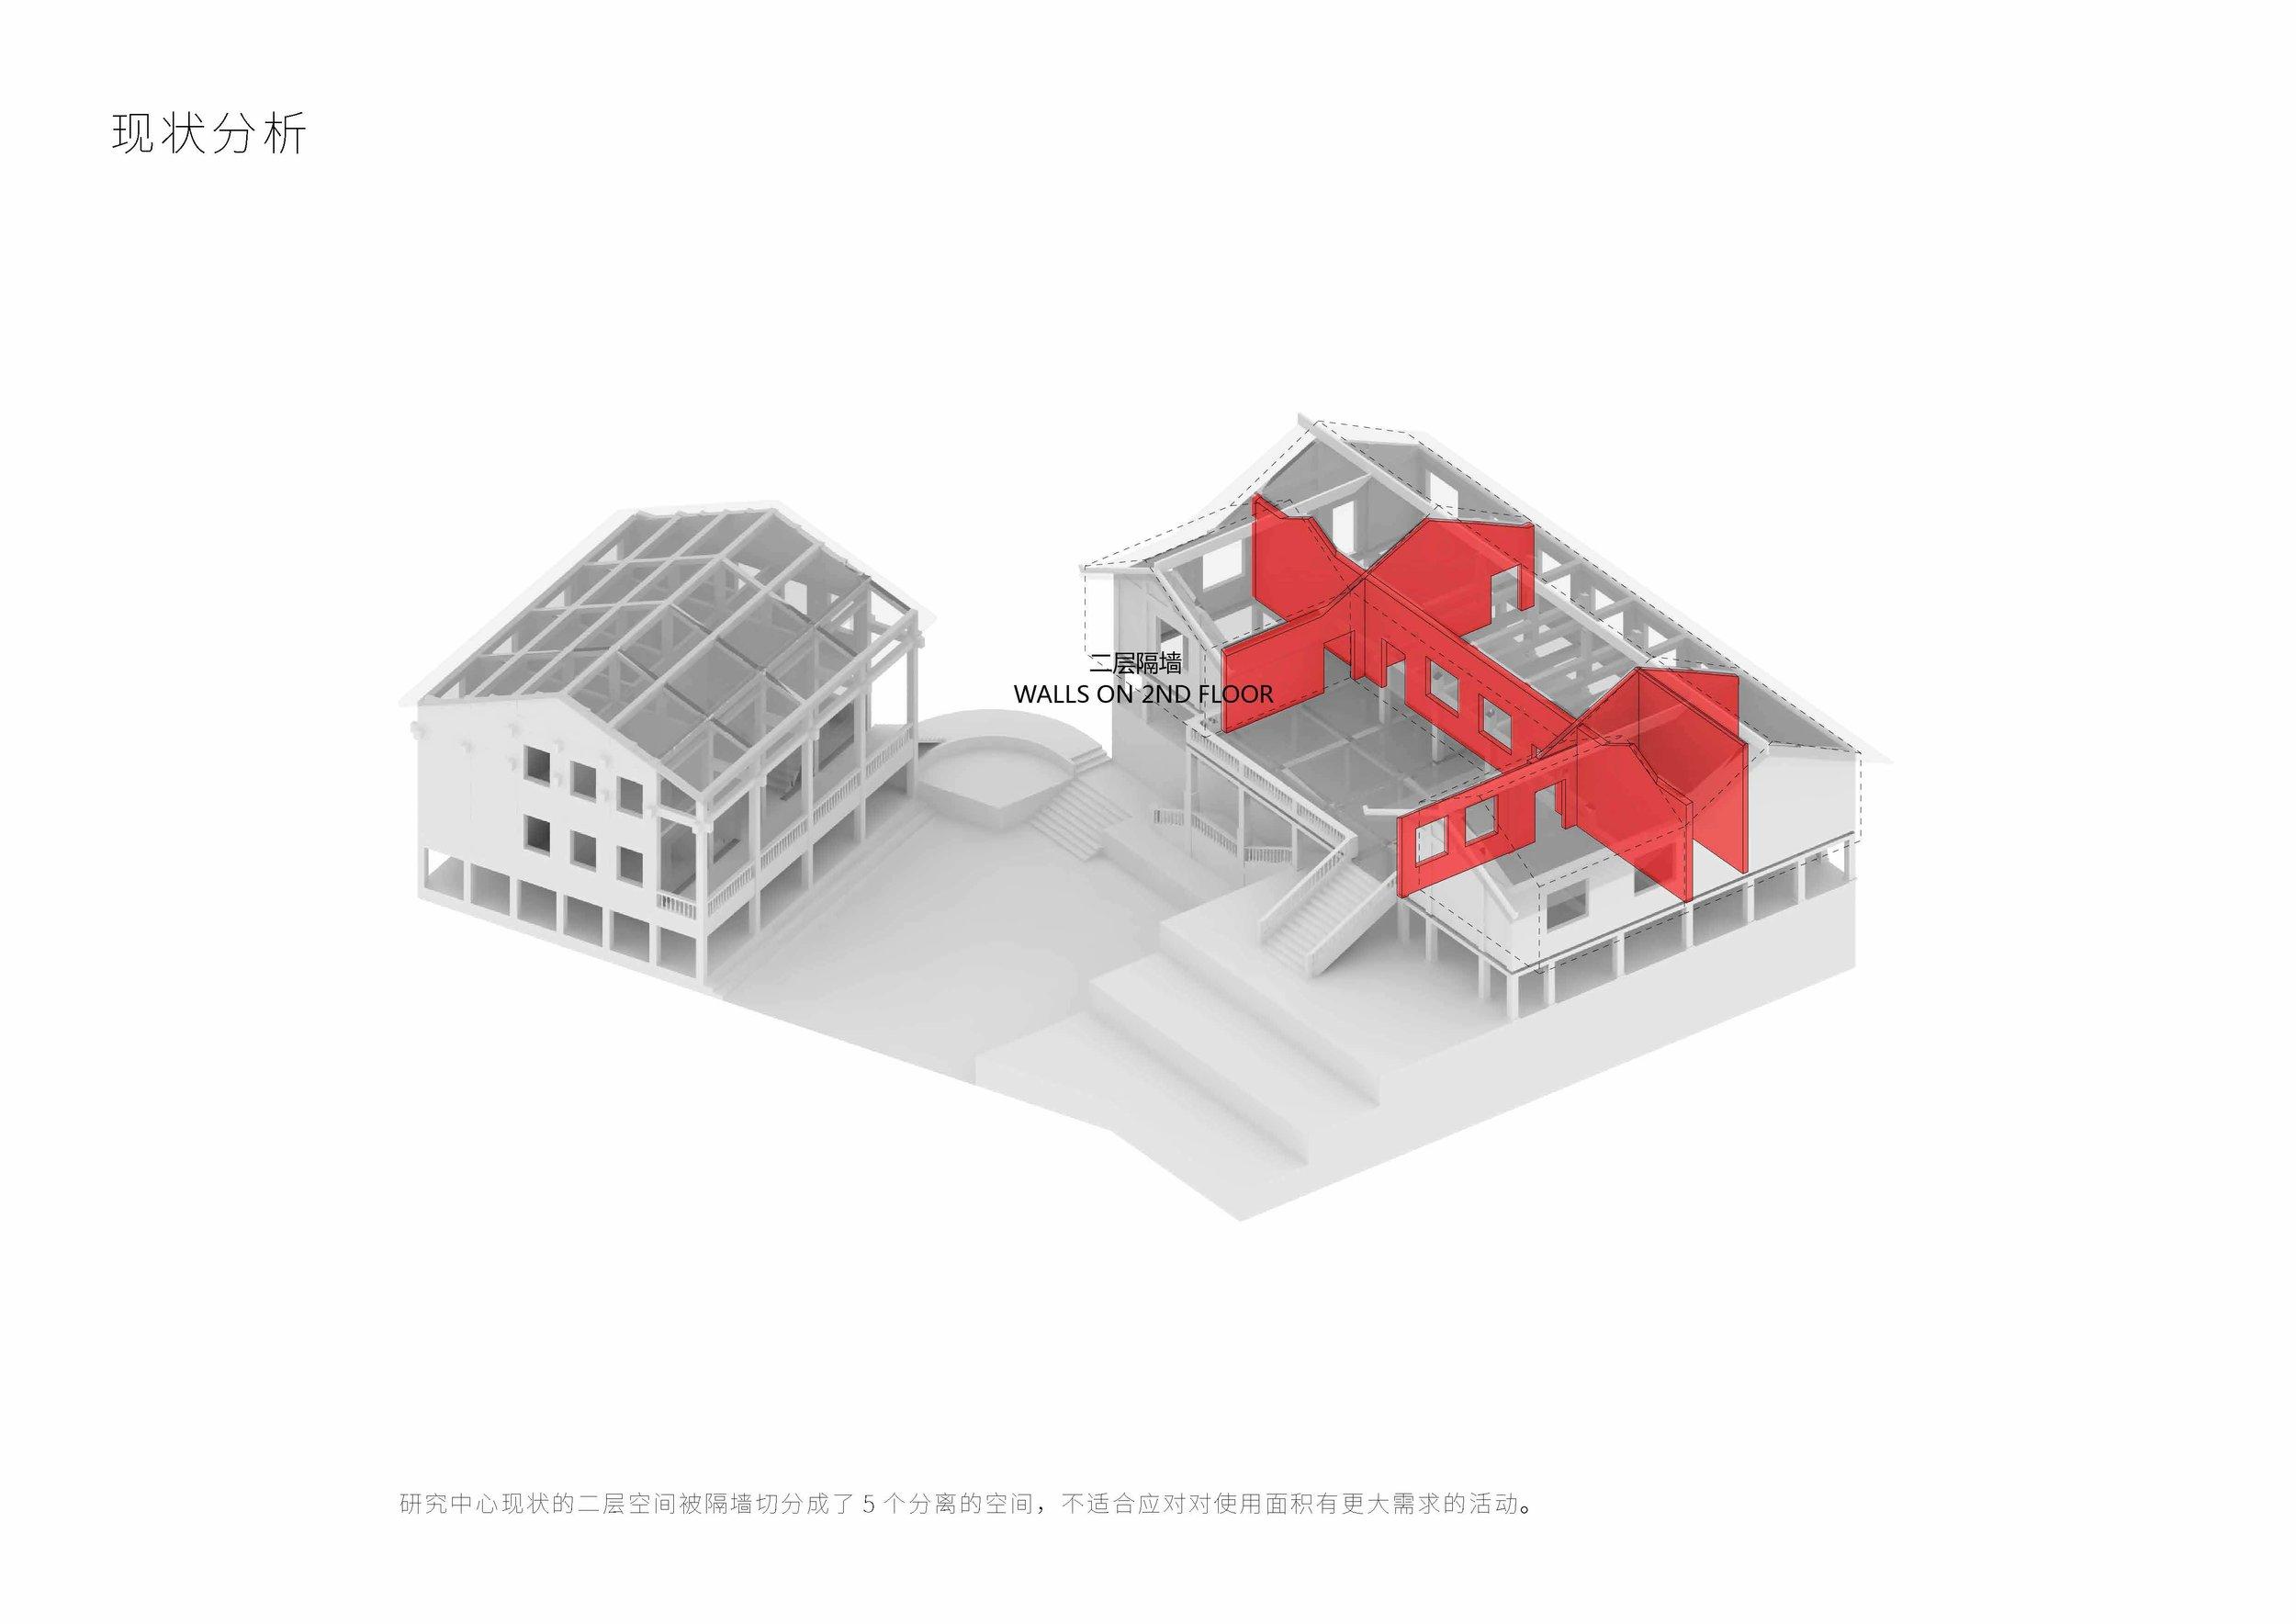 institute diagram_页面_08.jpg